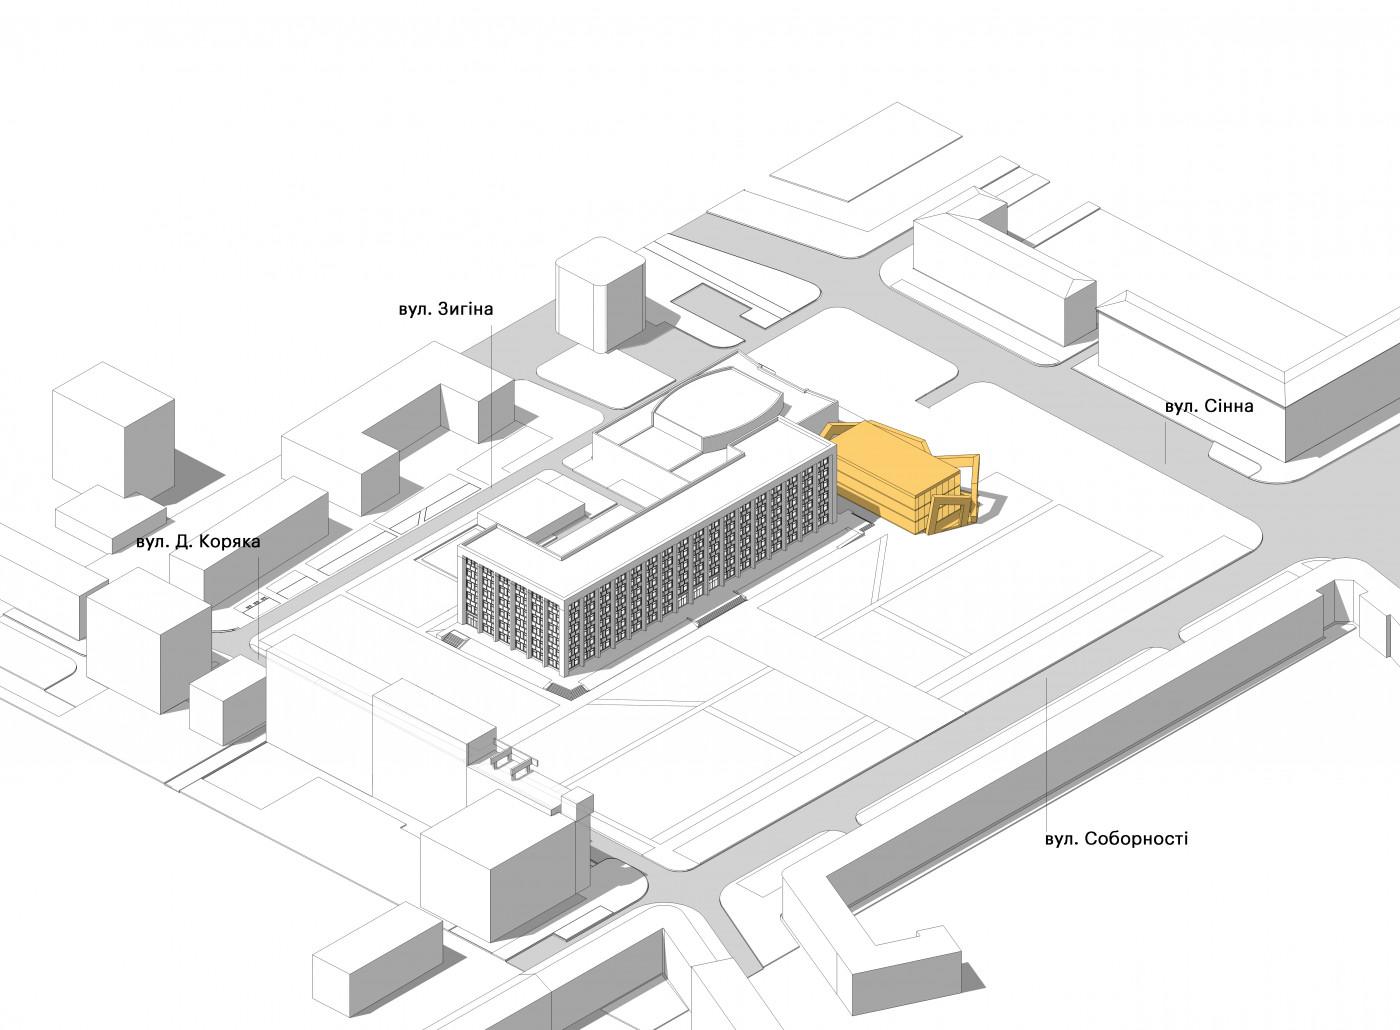 Розташування ЦНАП на ділянці / Poltava regional administration square